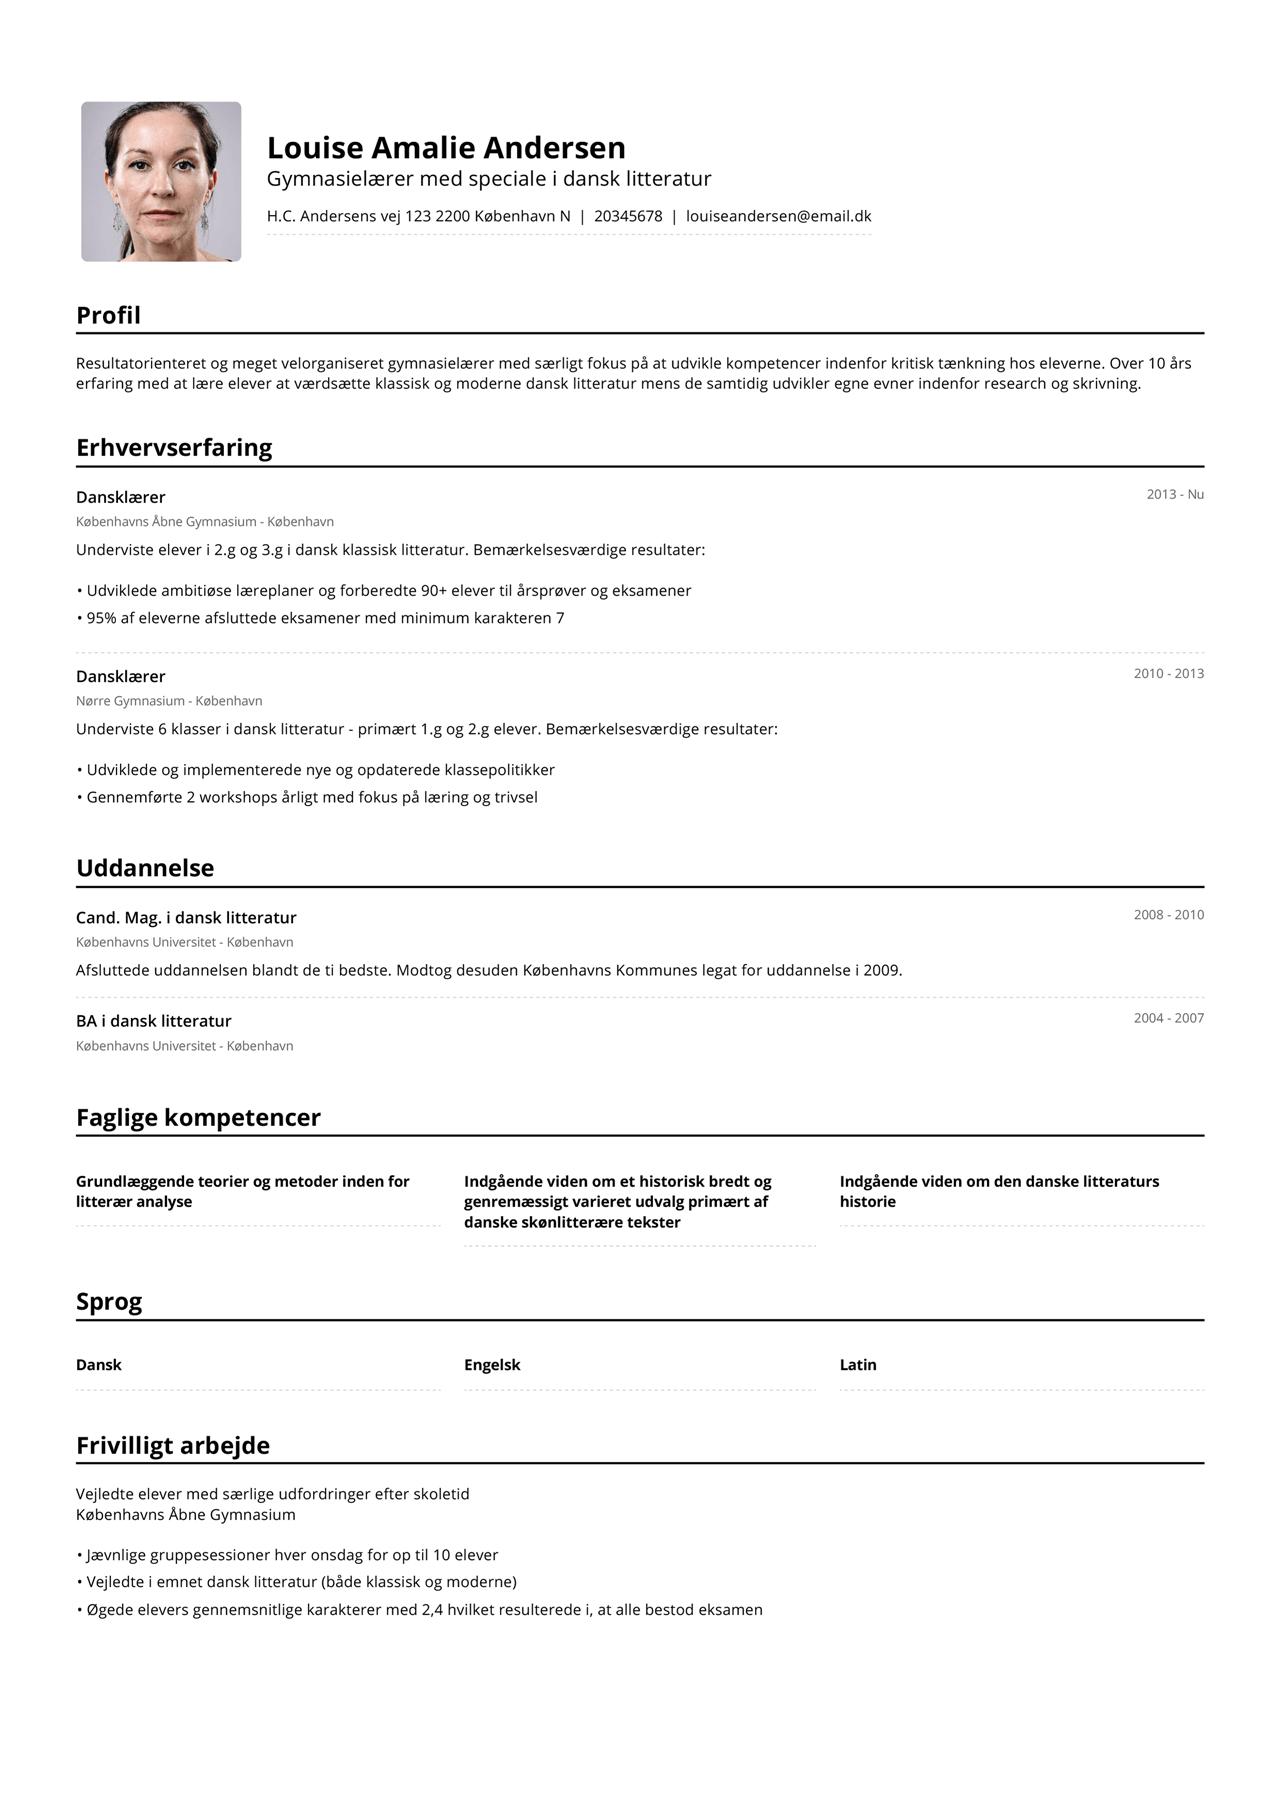 Billede af gymnasielærers CV i omvendt kronologisk rækkefølge